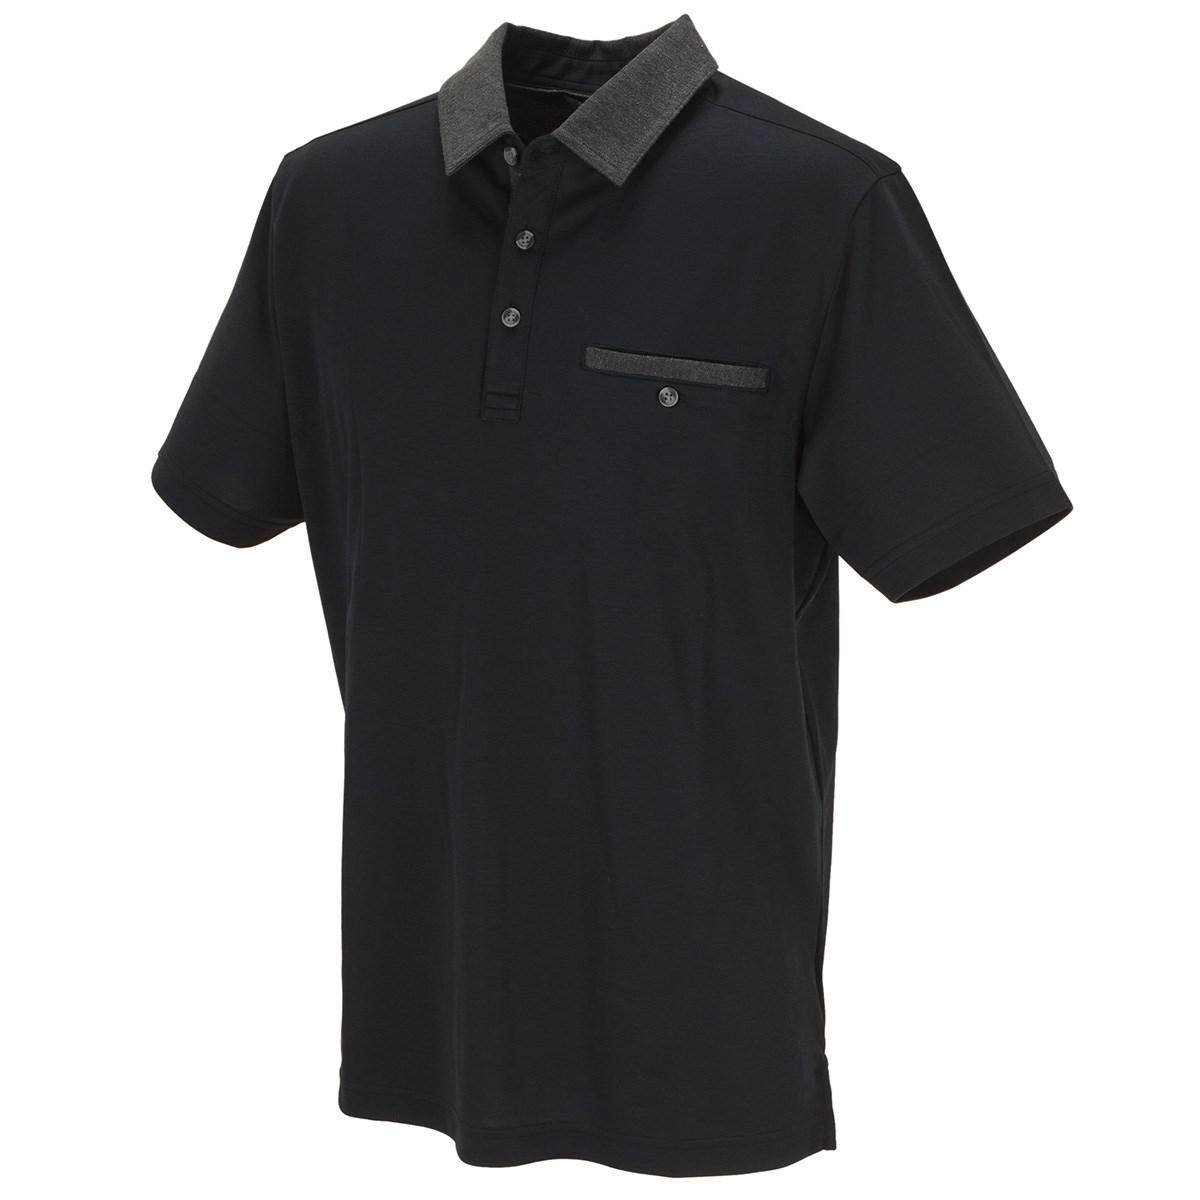 トラヴィスマシュー EMPORIUM 半袖ポロシャツ